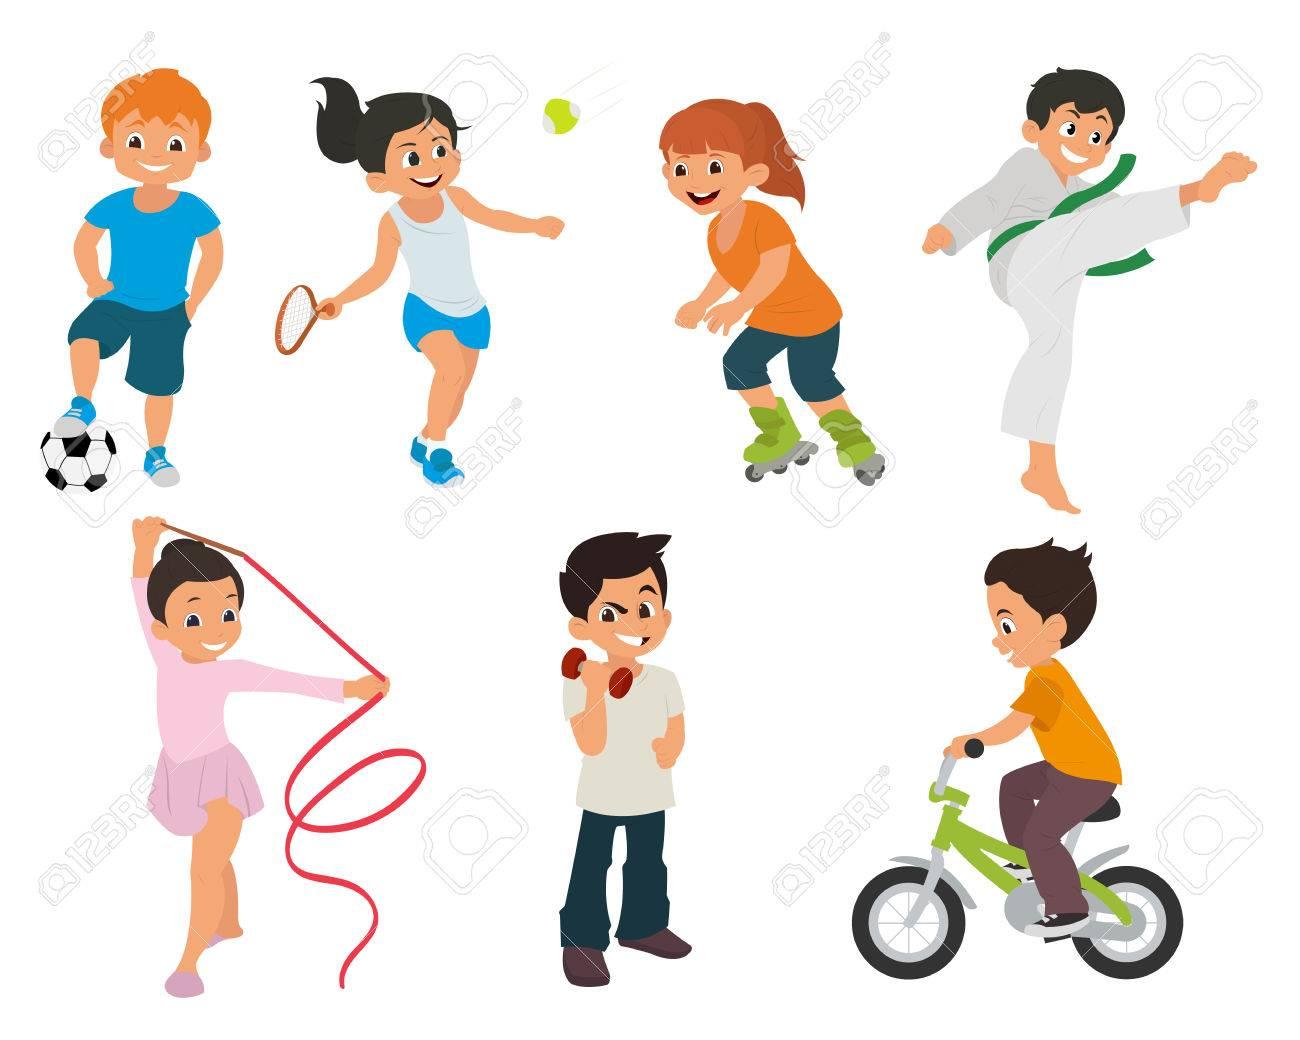 Deportes De Los Ninos Estan Involucrados Activamente En El Deporte Deportes De Los Ninos Estan Haciendo En Diferentes Tipos De Deportes Karate